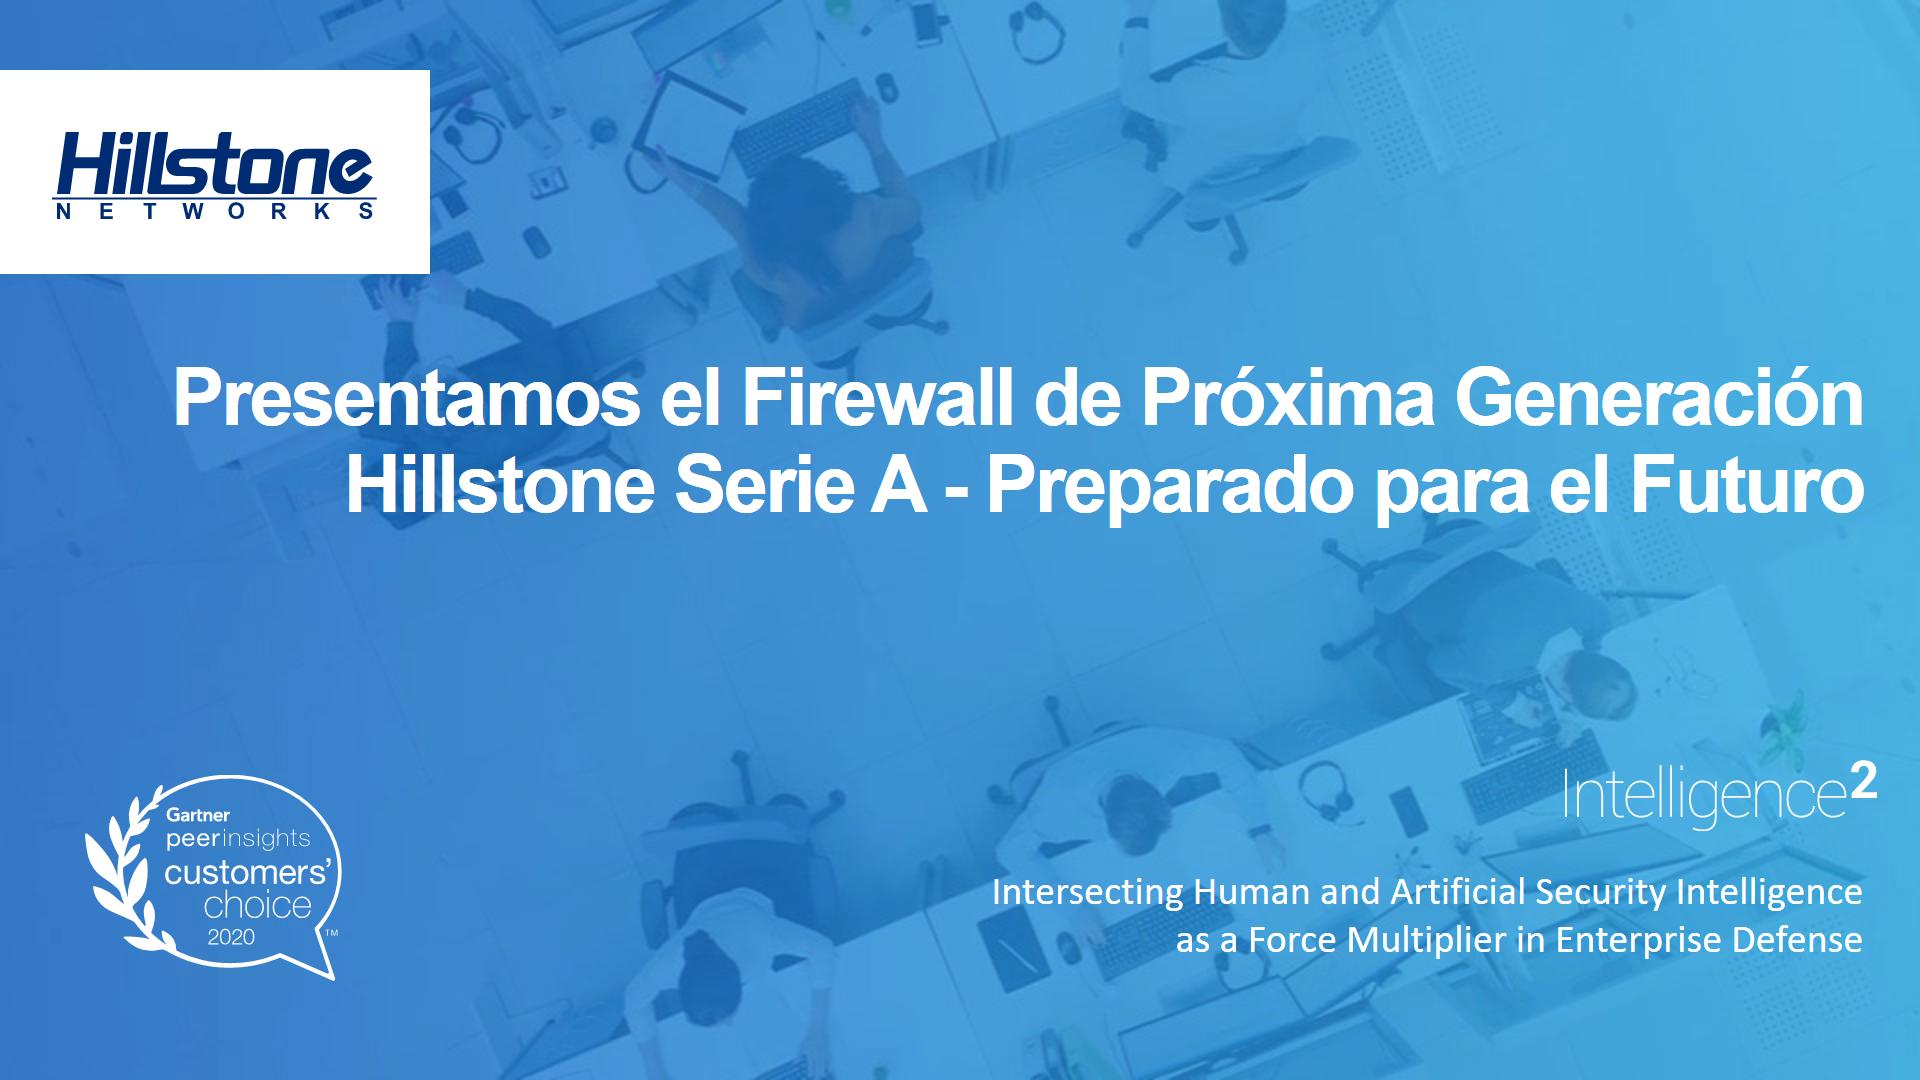 Watch Presentamos el Firewall de Próxima Generación Hillstone Serie A – Preparado para el Futuro